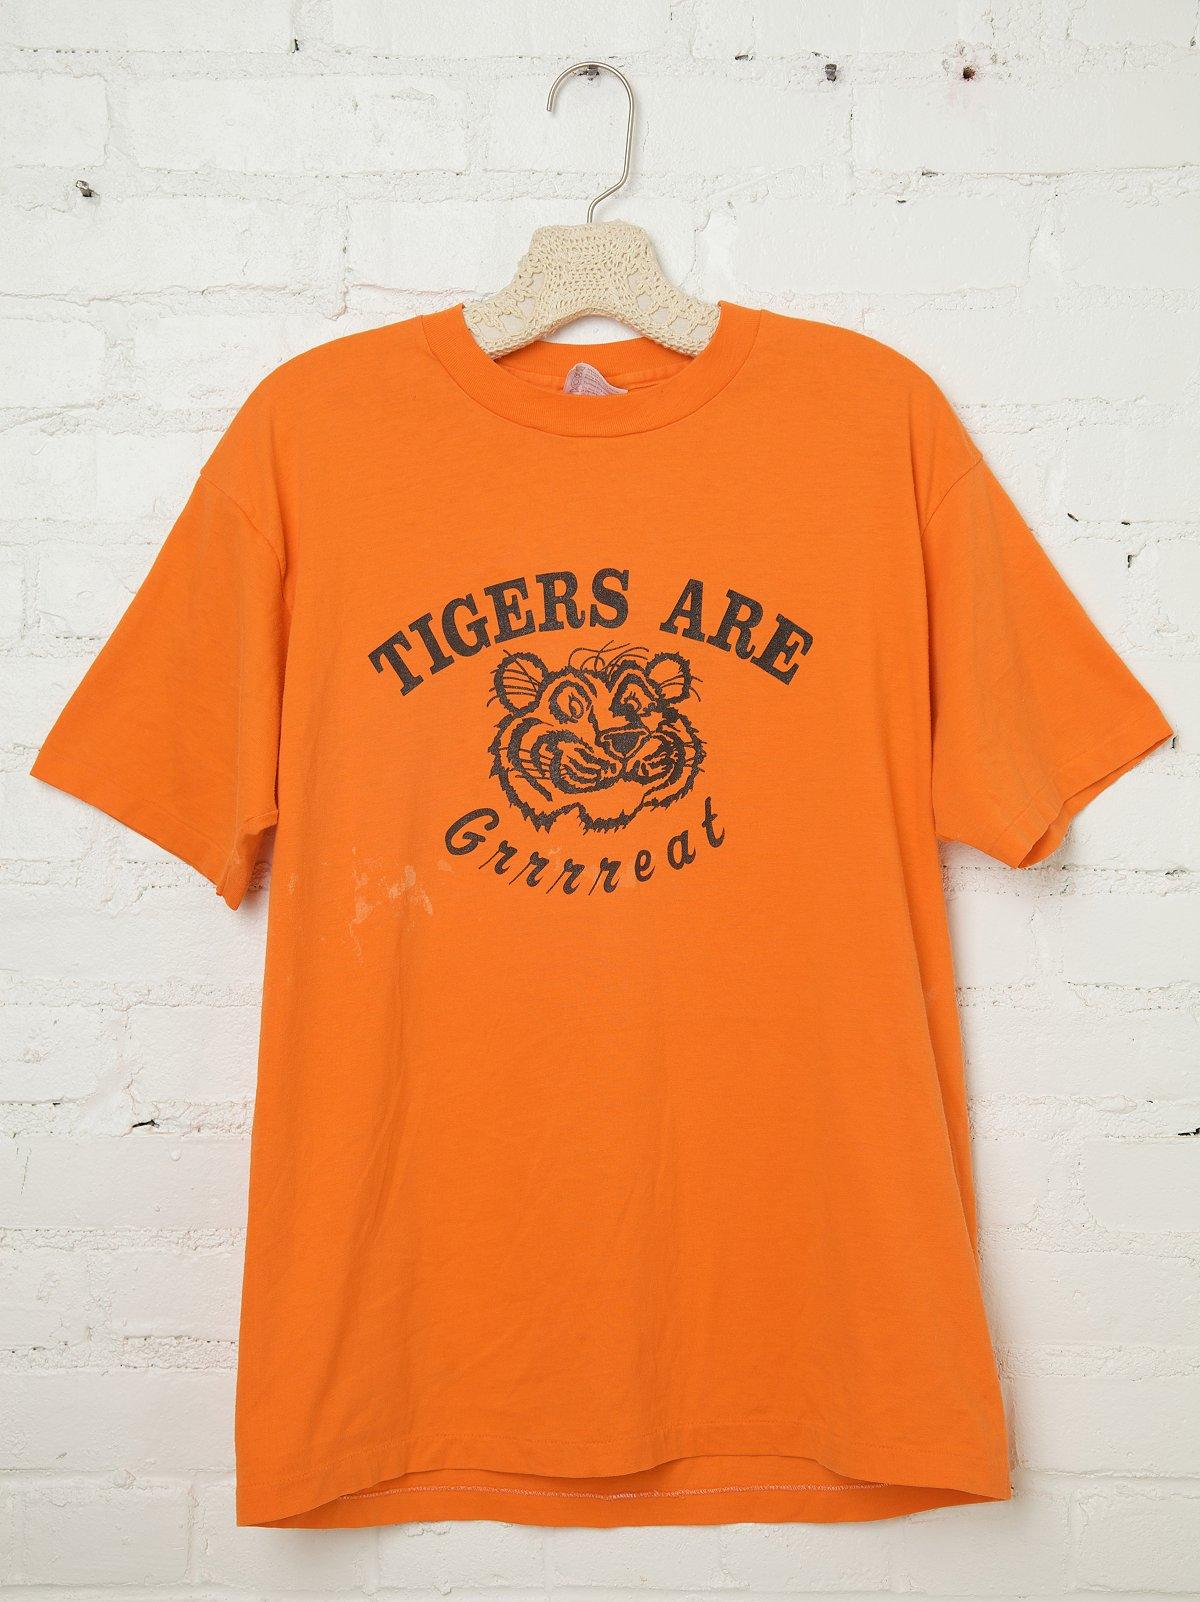 Vintage Tigers Are Grrrreat Tee